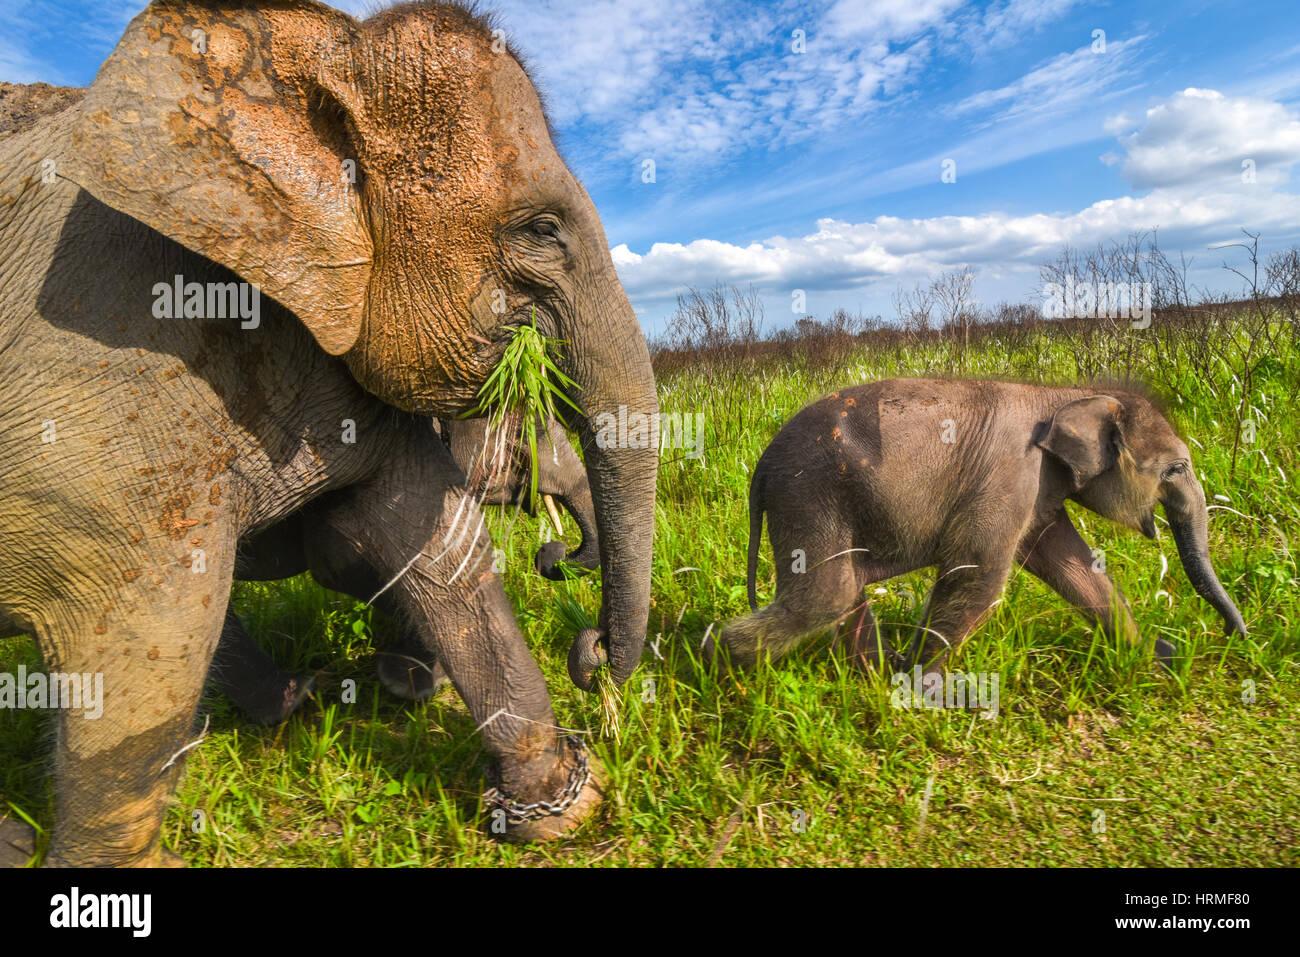 Un elefante di Sumatra baby passeggiate nella parte anteriore della sua mandria nella terra di pascolo di modo Kambas Immagini Stock